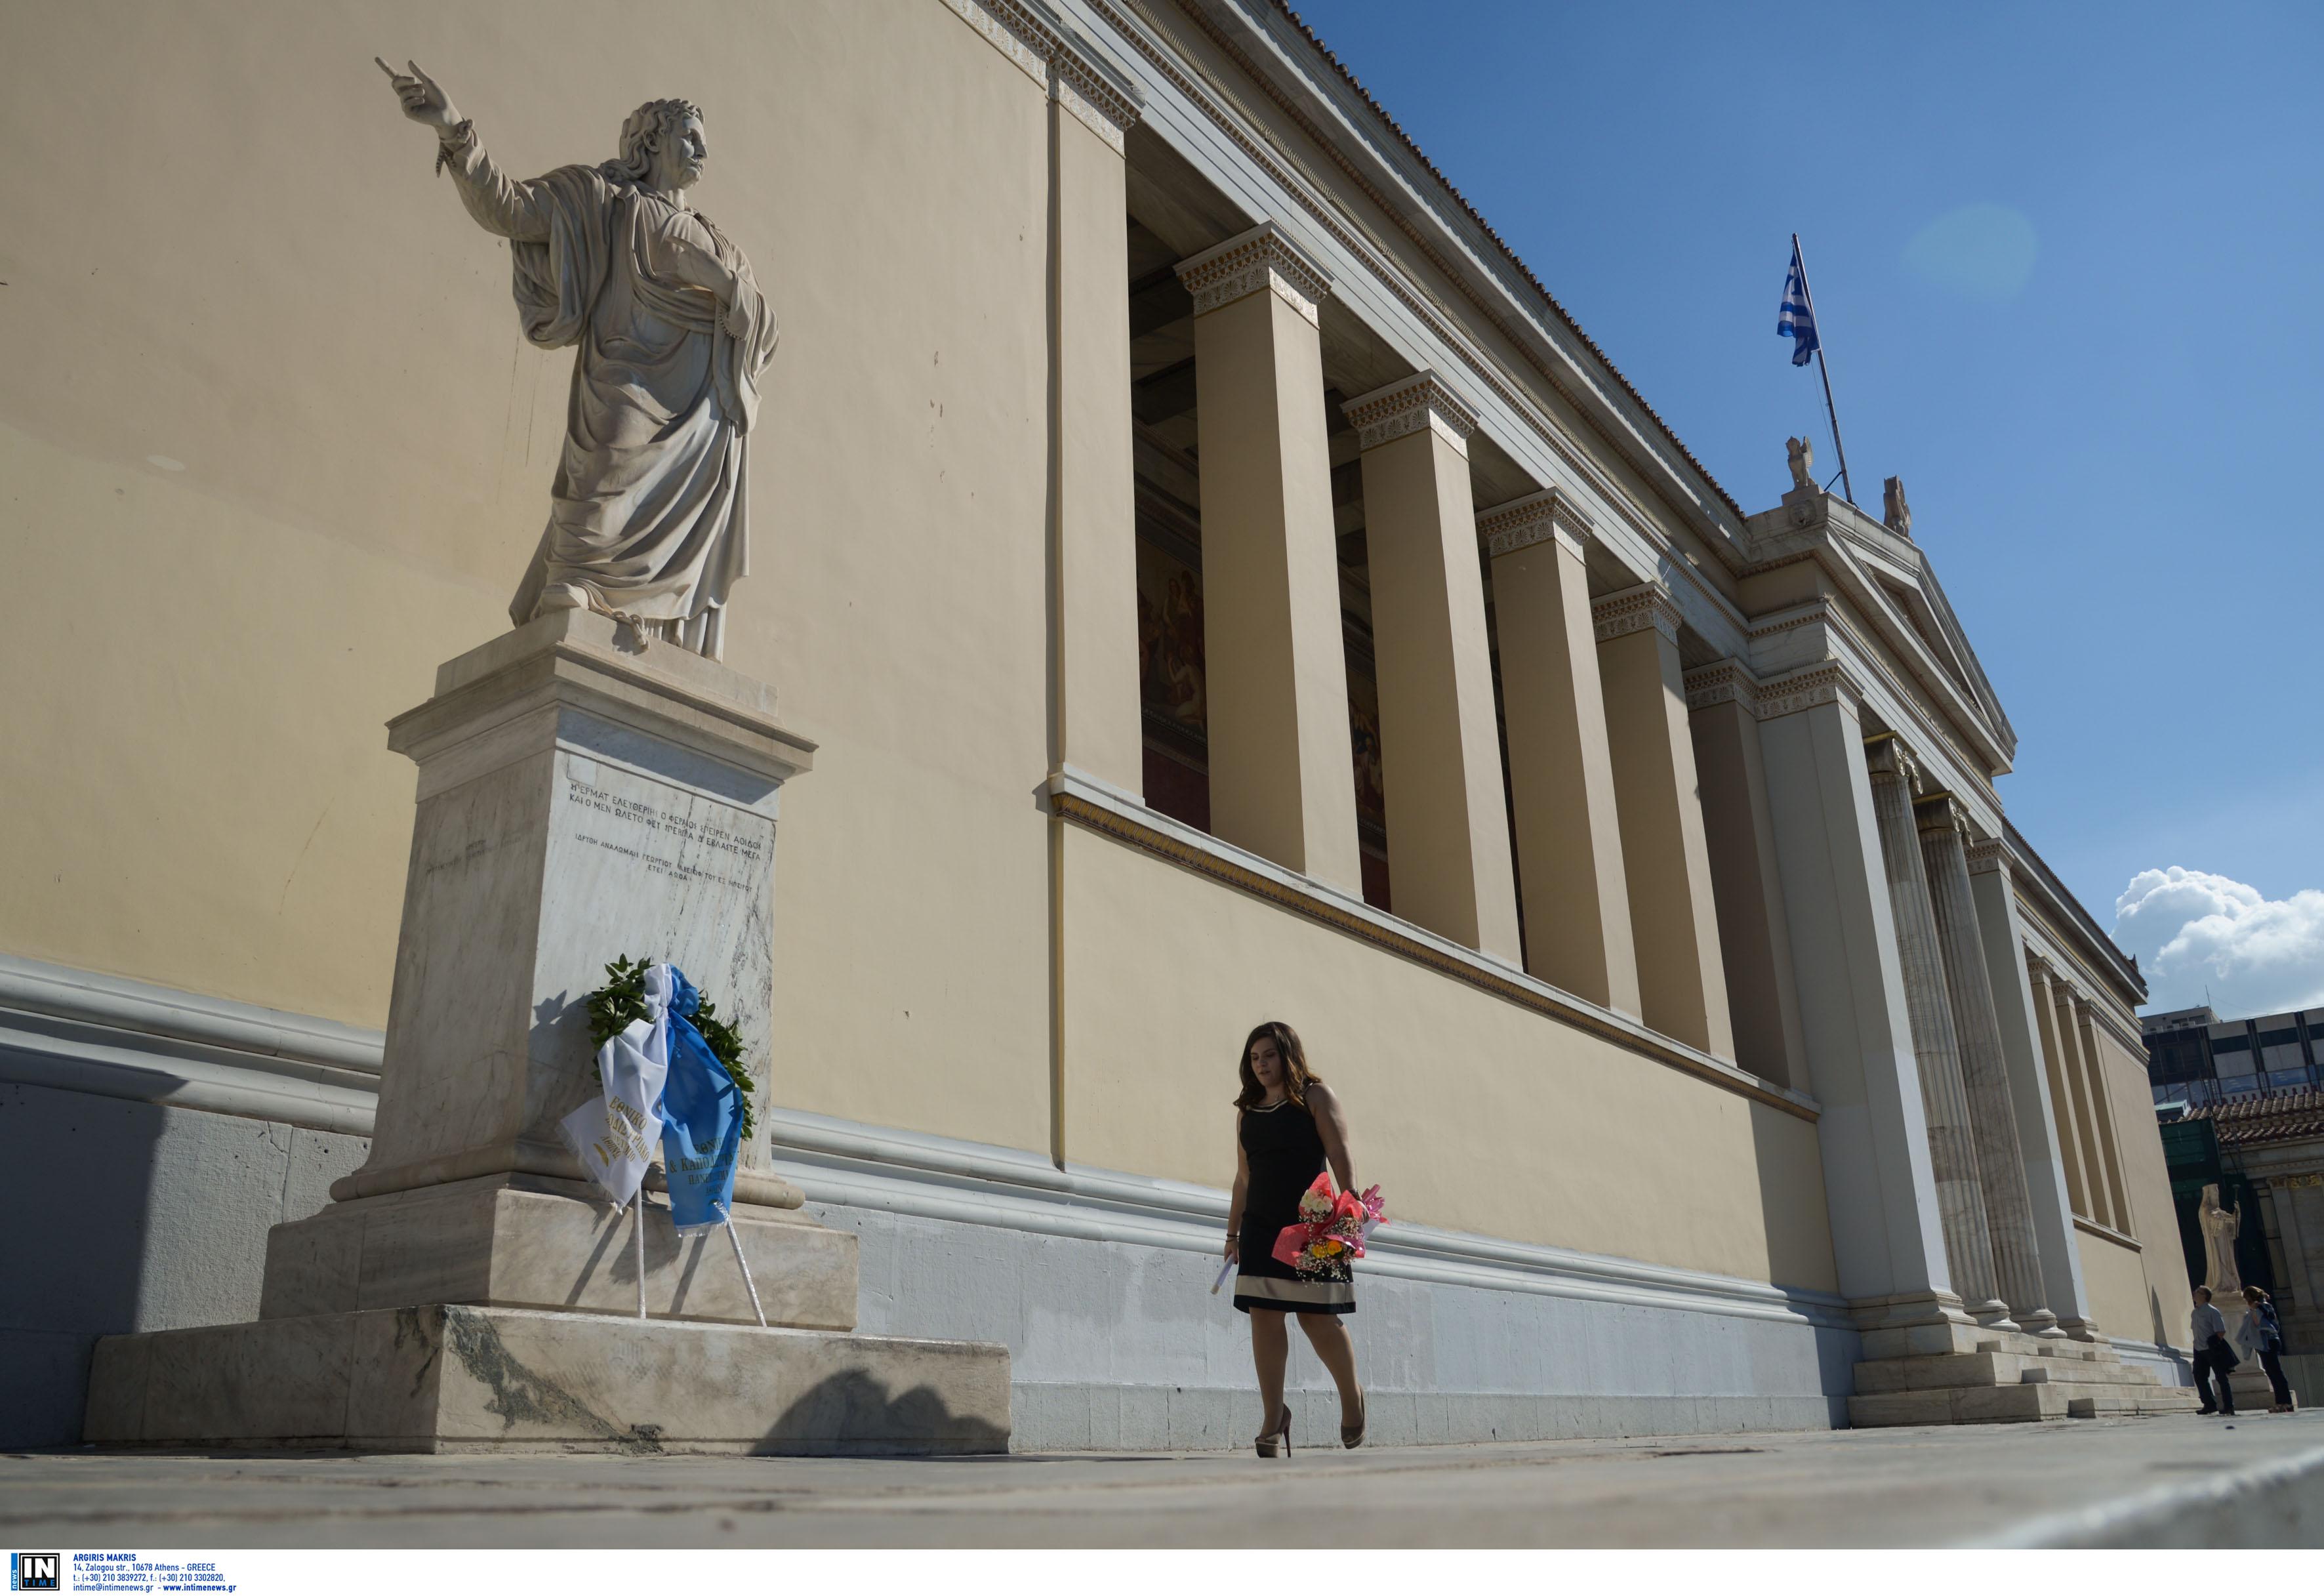 Αναβλήθηκε επ' αόριστον η δίκη διοικητικών υπαλλήλων ΕΚΠΑ-ΕΜΠ   tovima.gr